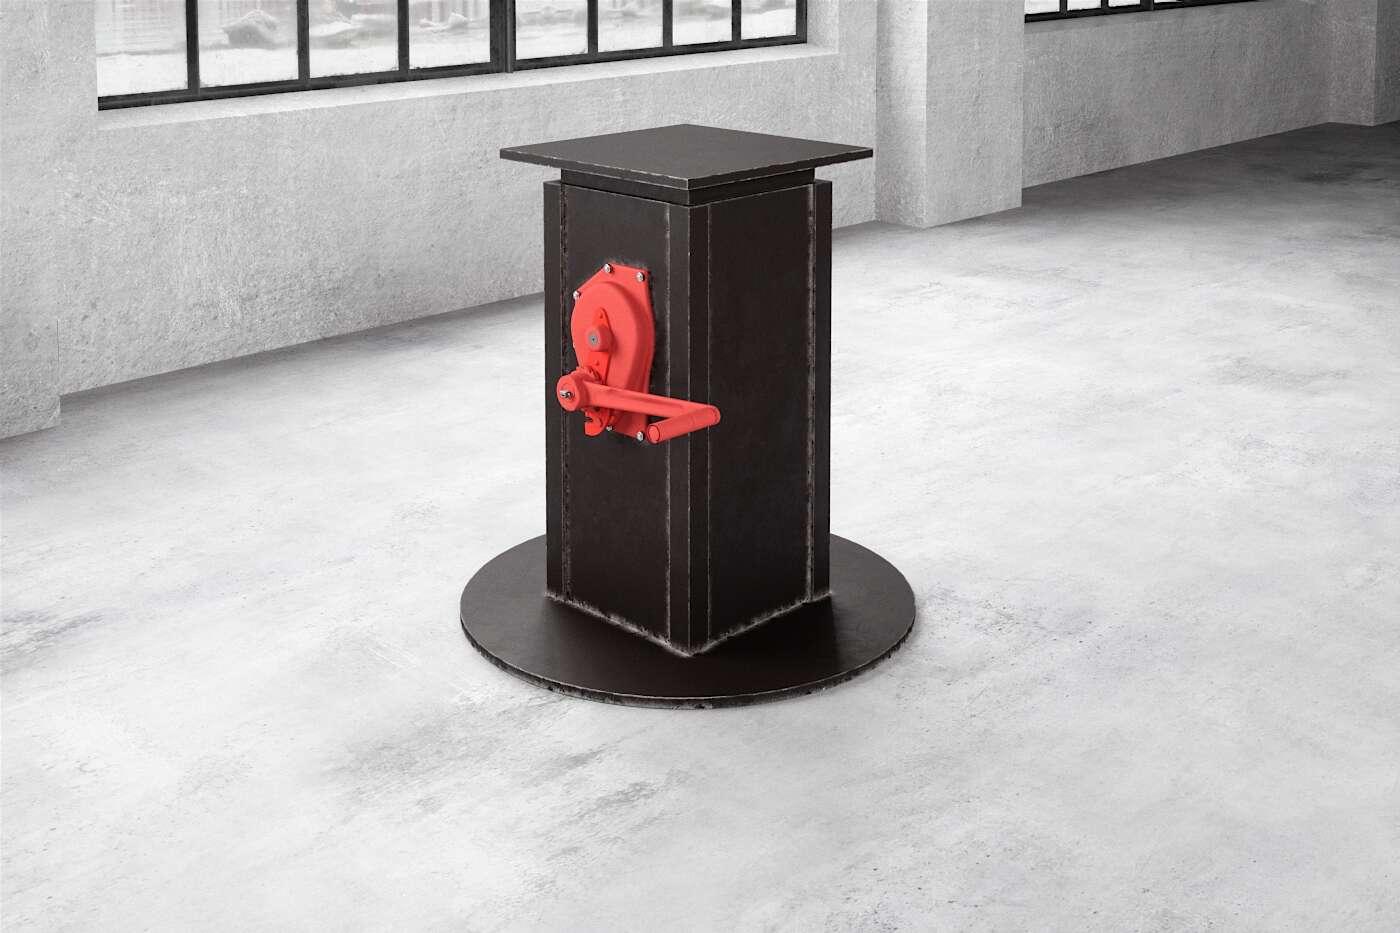 Mittelfuß Tischgestell höhenverstellbar aus Stahl